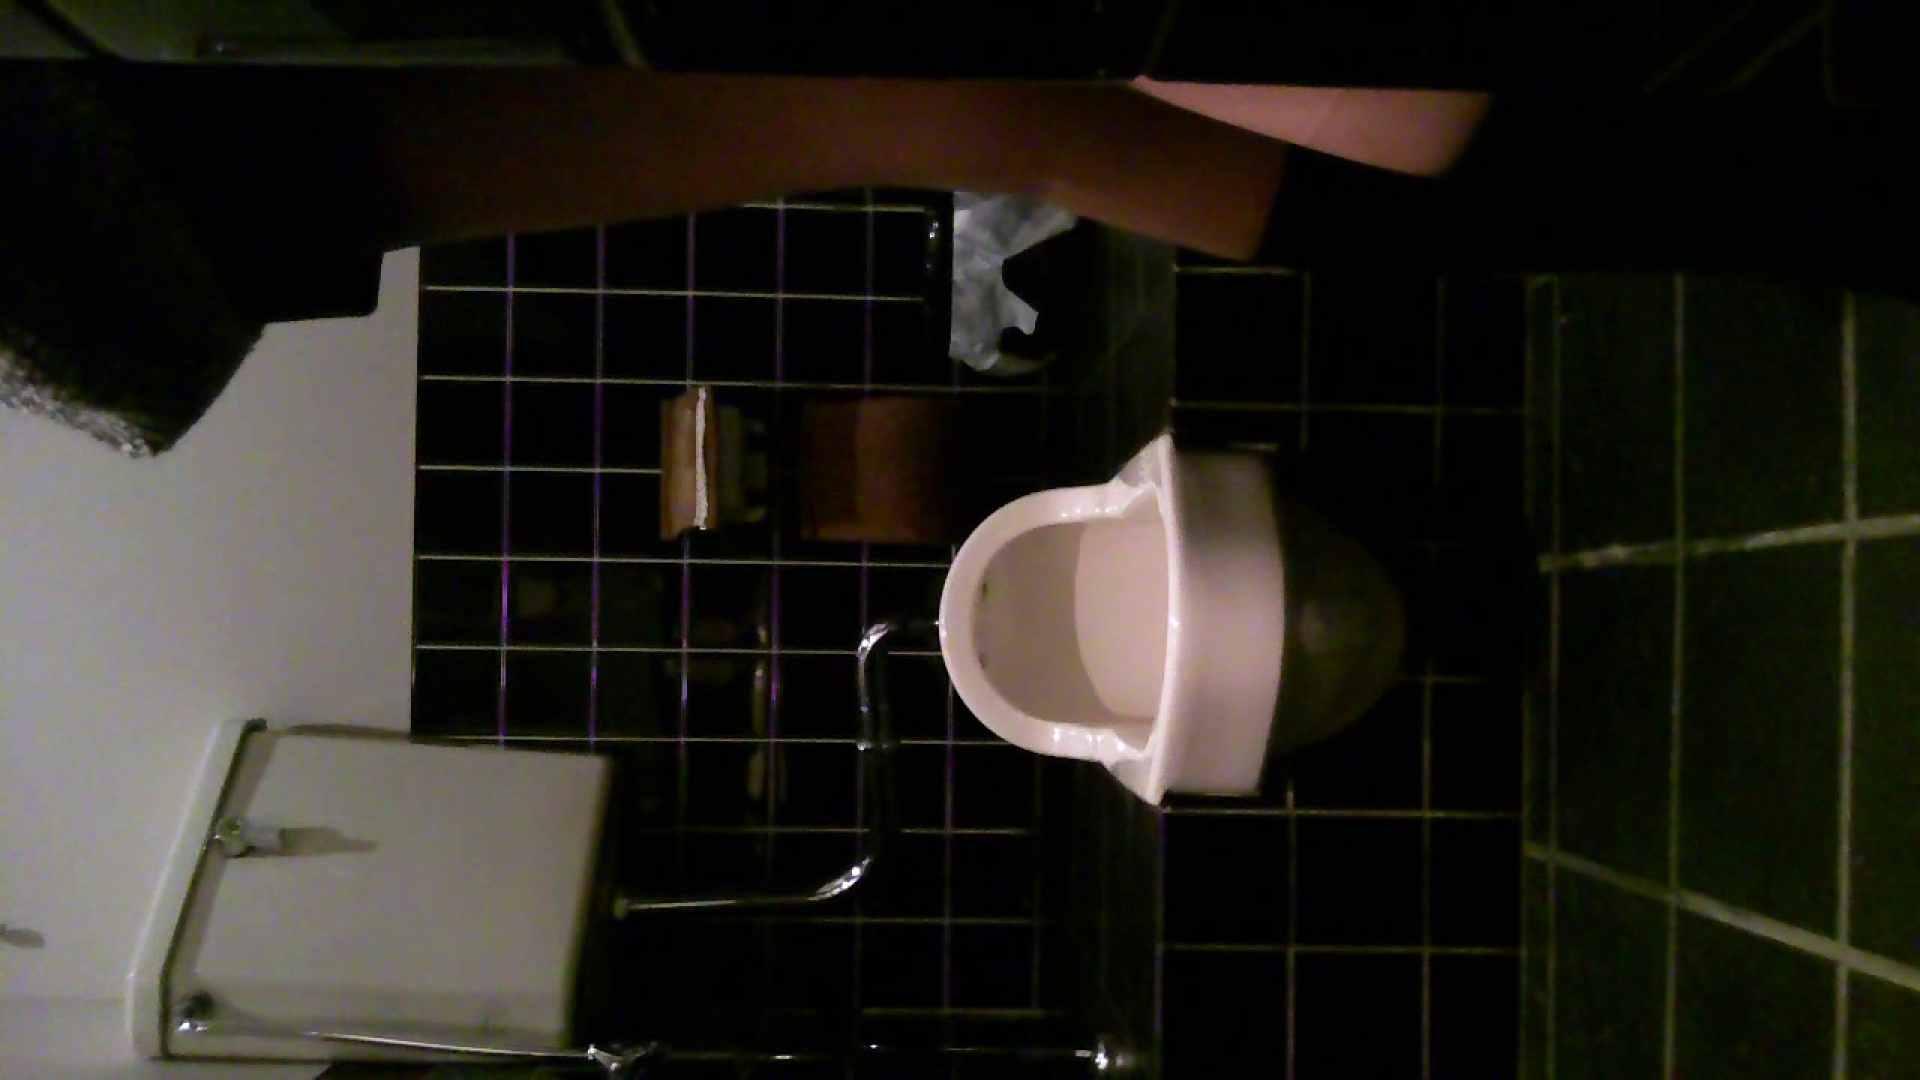 美女の集まる飲み屋洗面所 vol.02 OLセックス | ぱっくり下半身  110画像 76